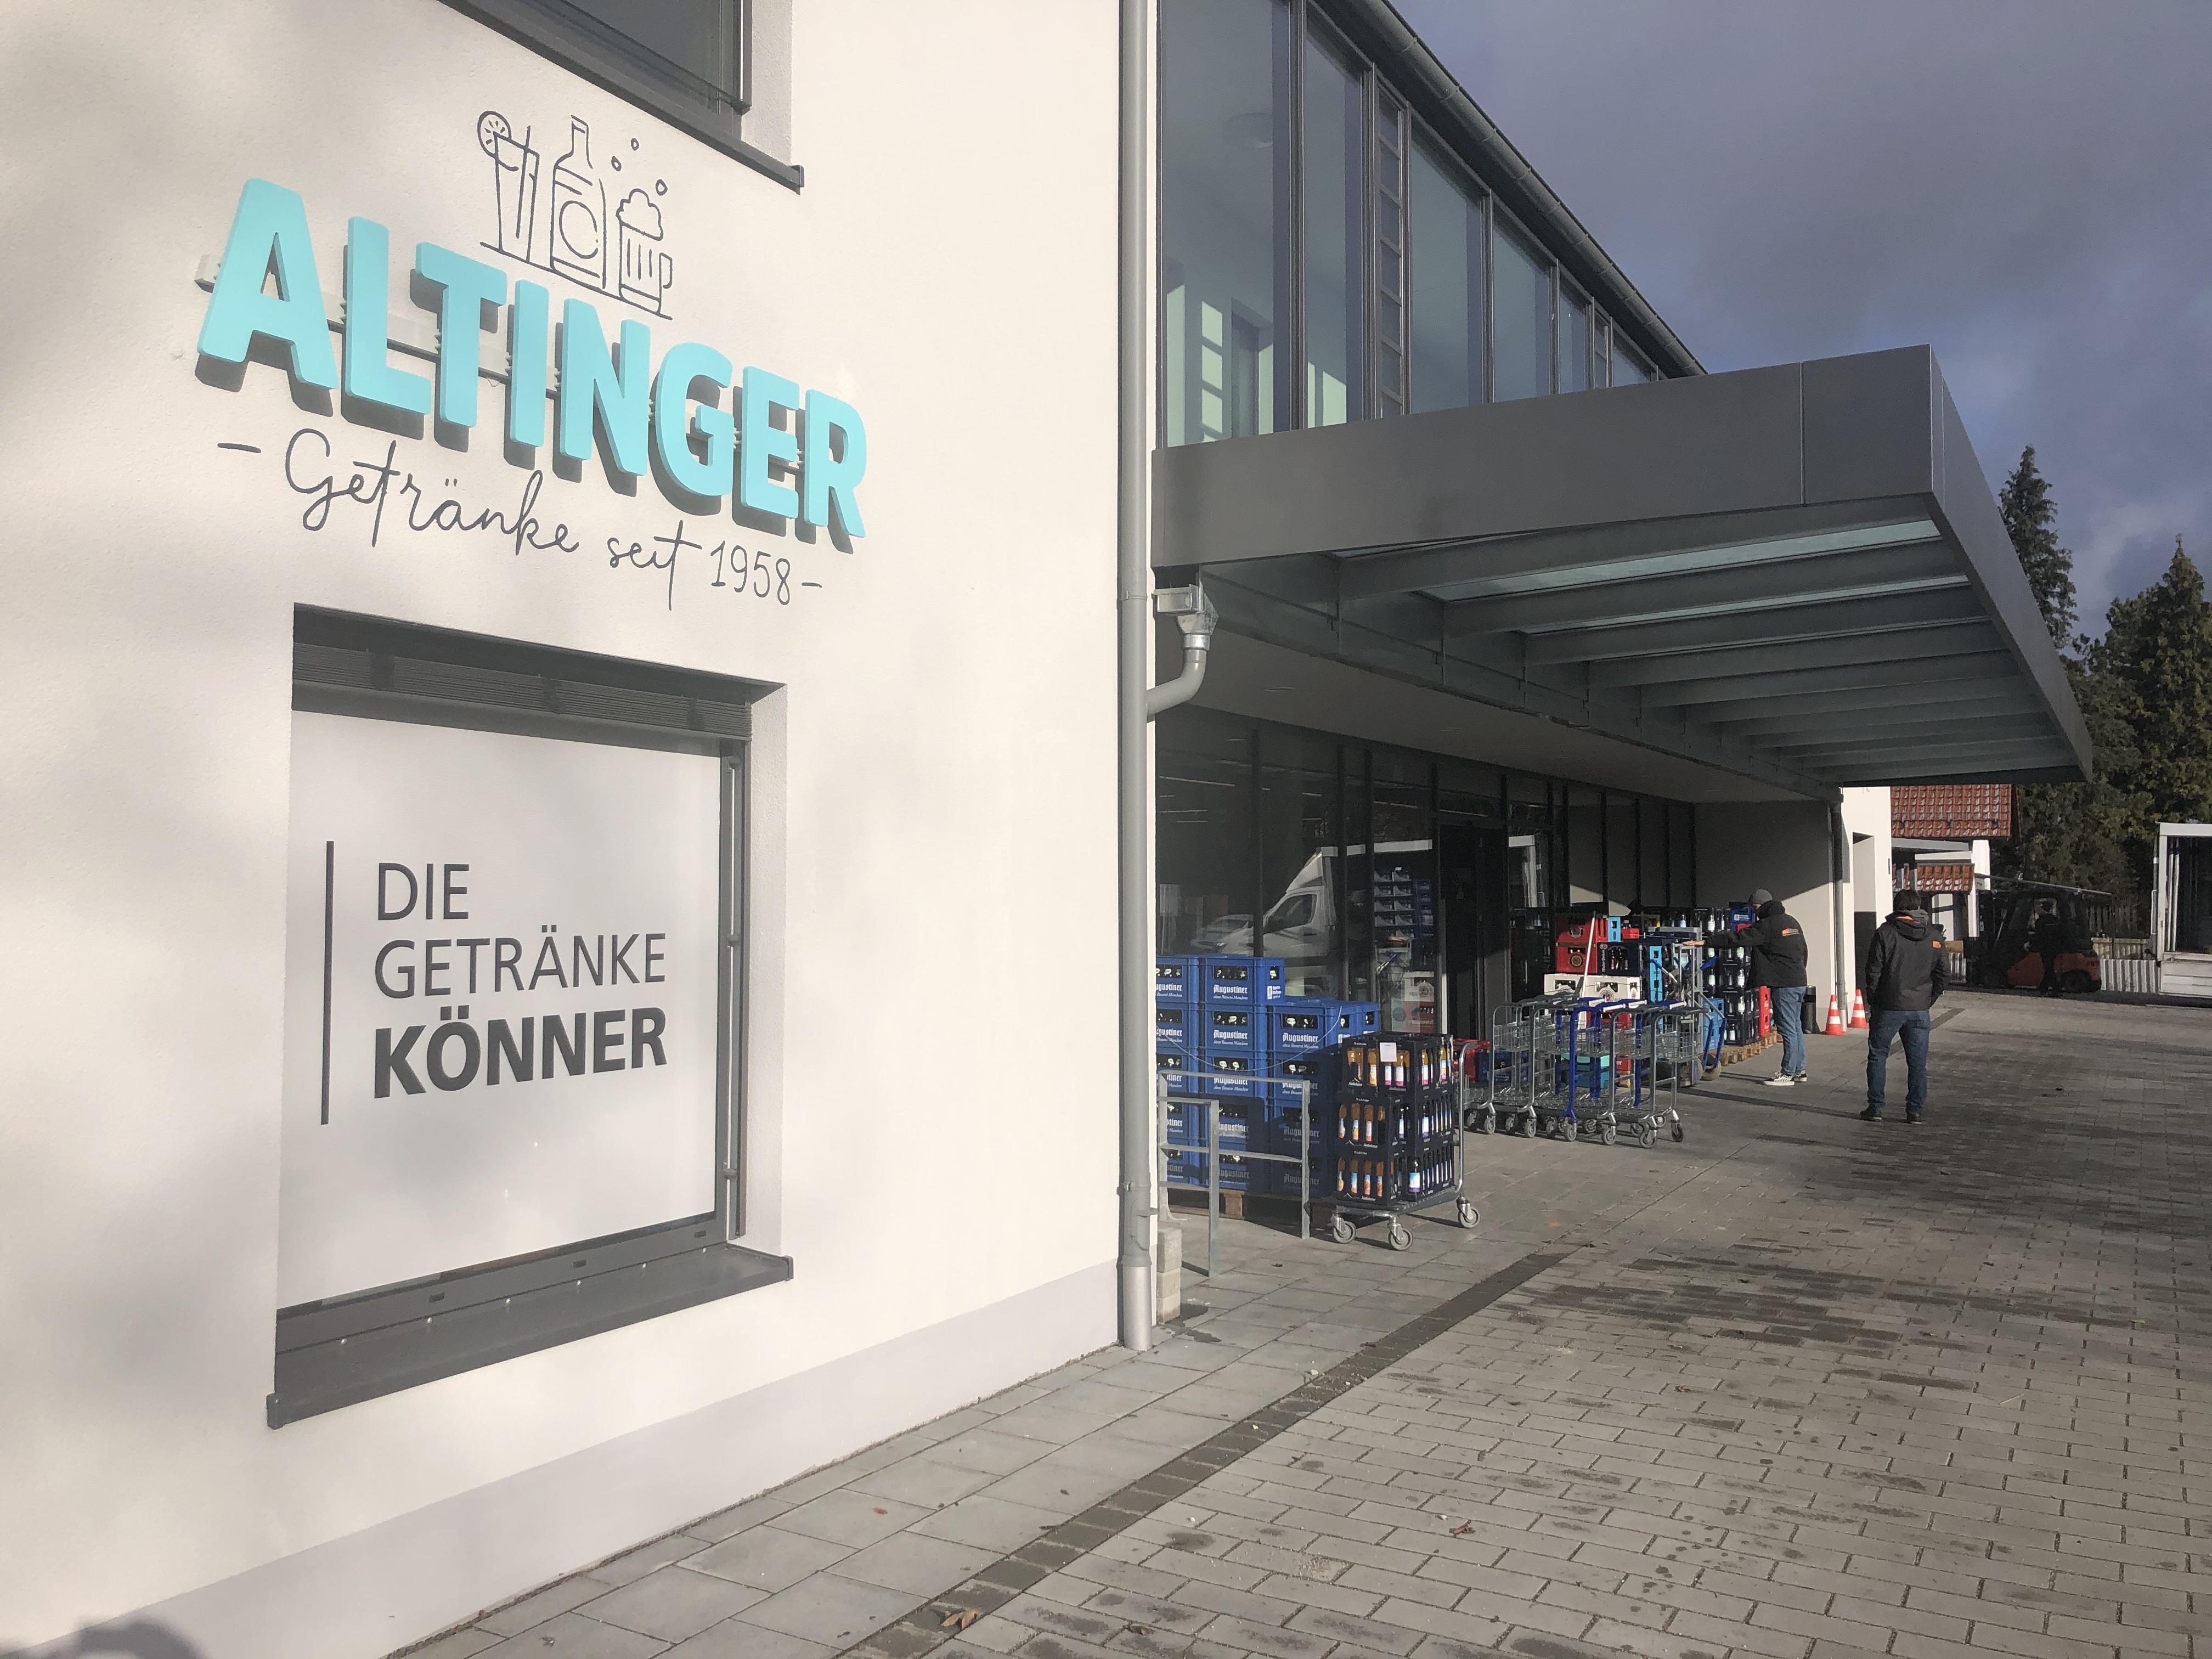 Getränke Altinger Garching